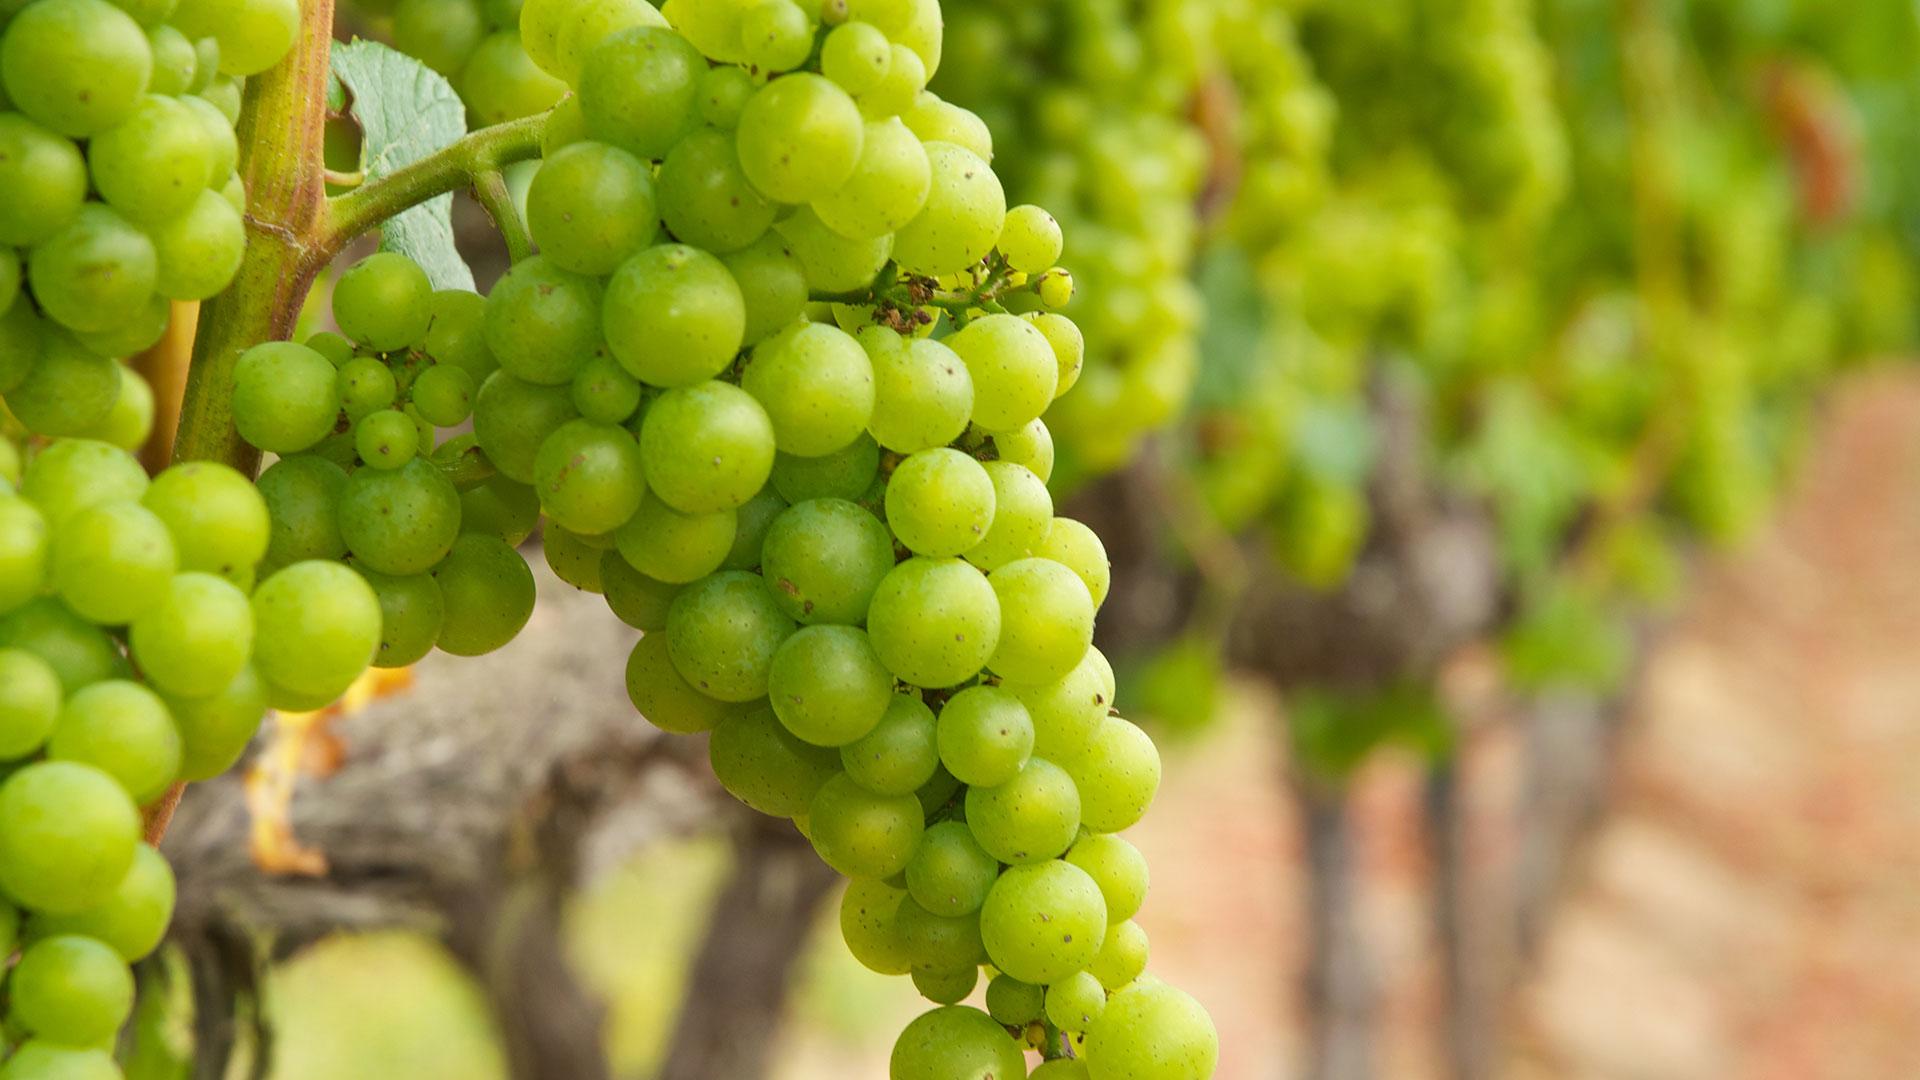 Vinice sú pripravené na zber opár týždňov skôr